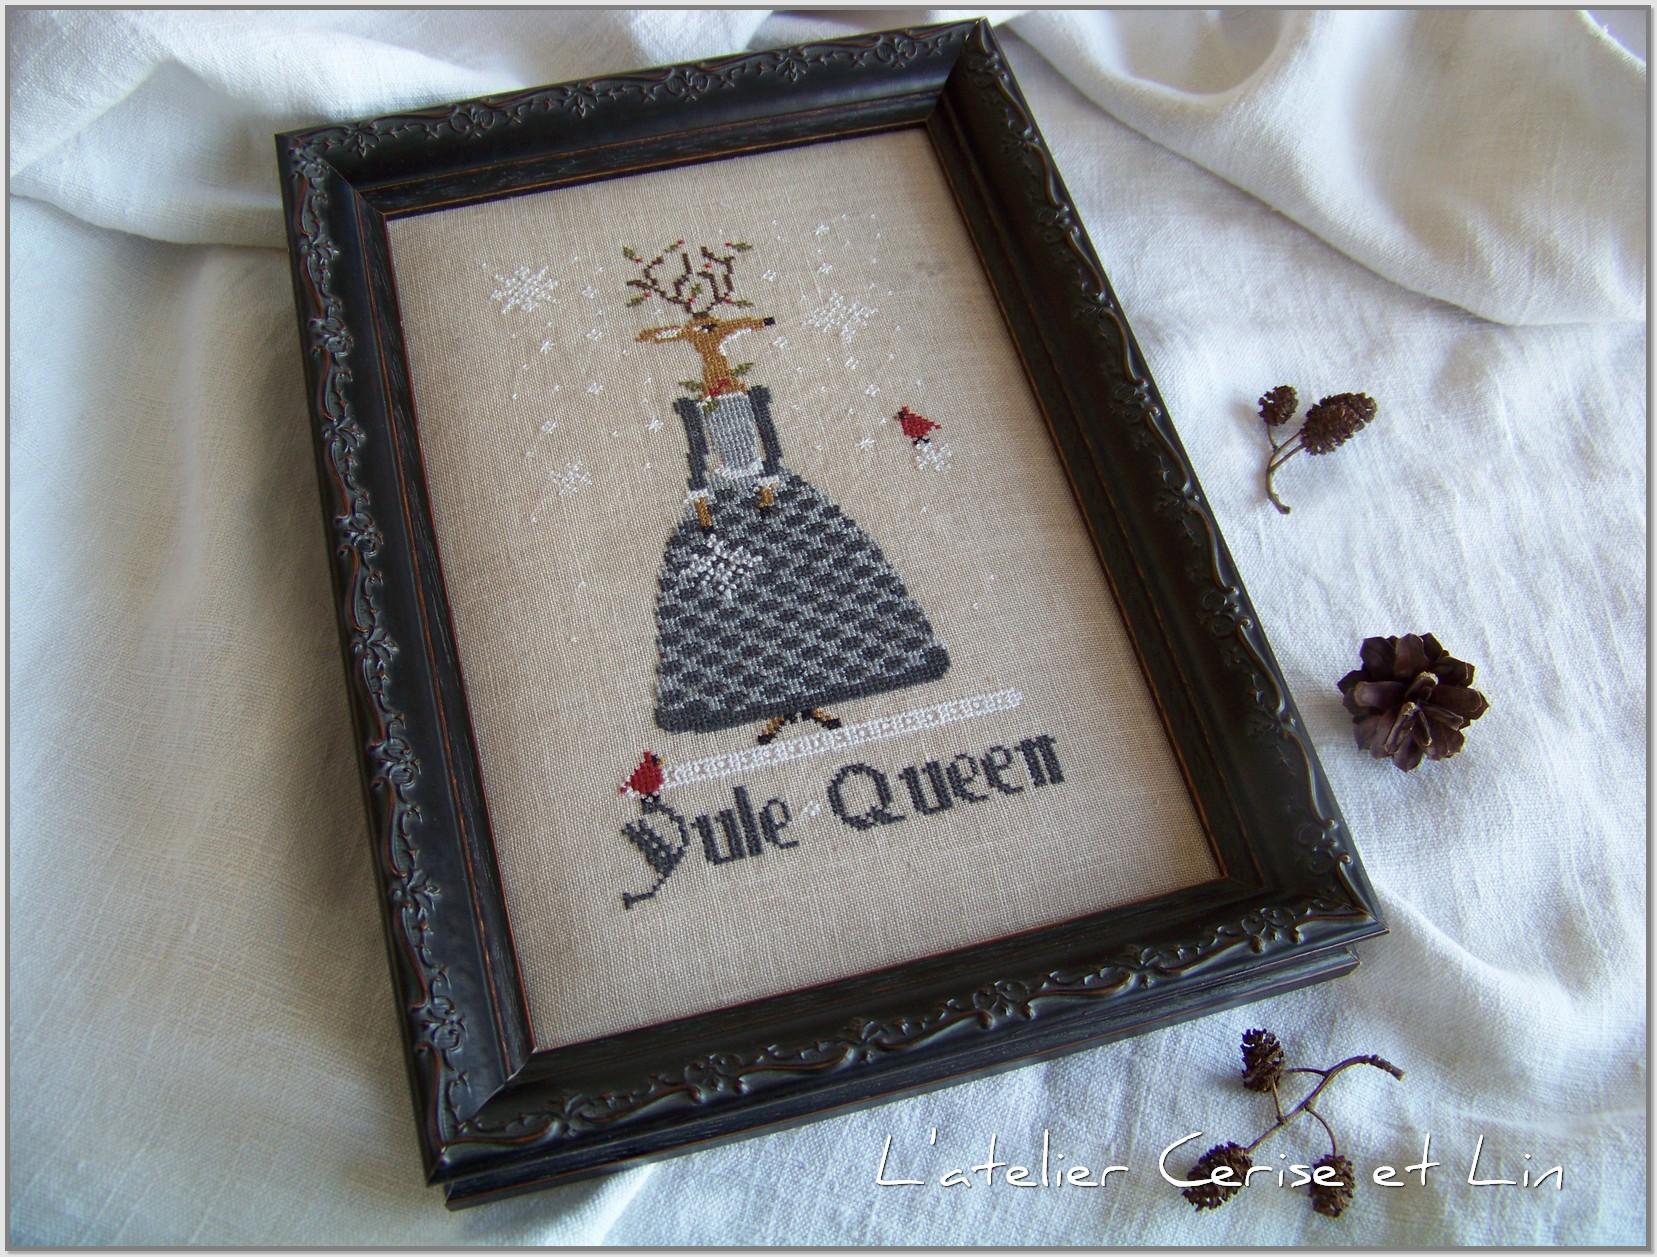 Cadre Yule Queen 031